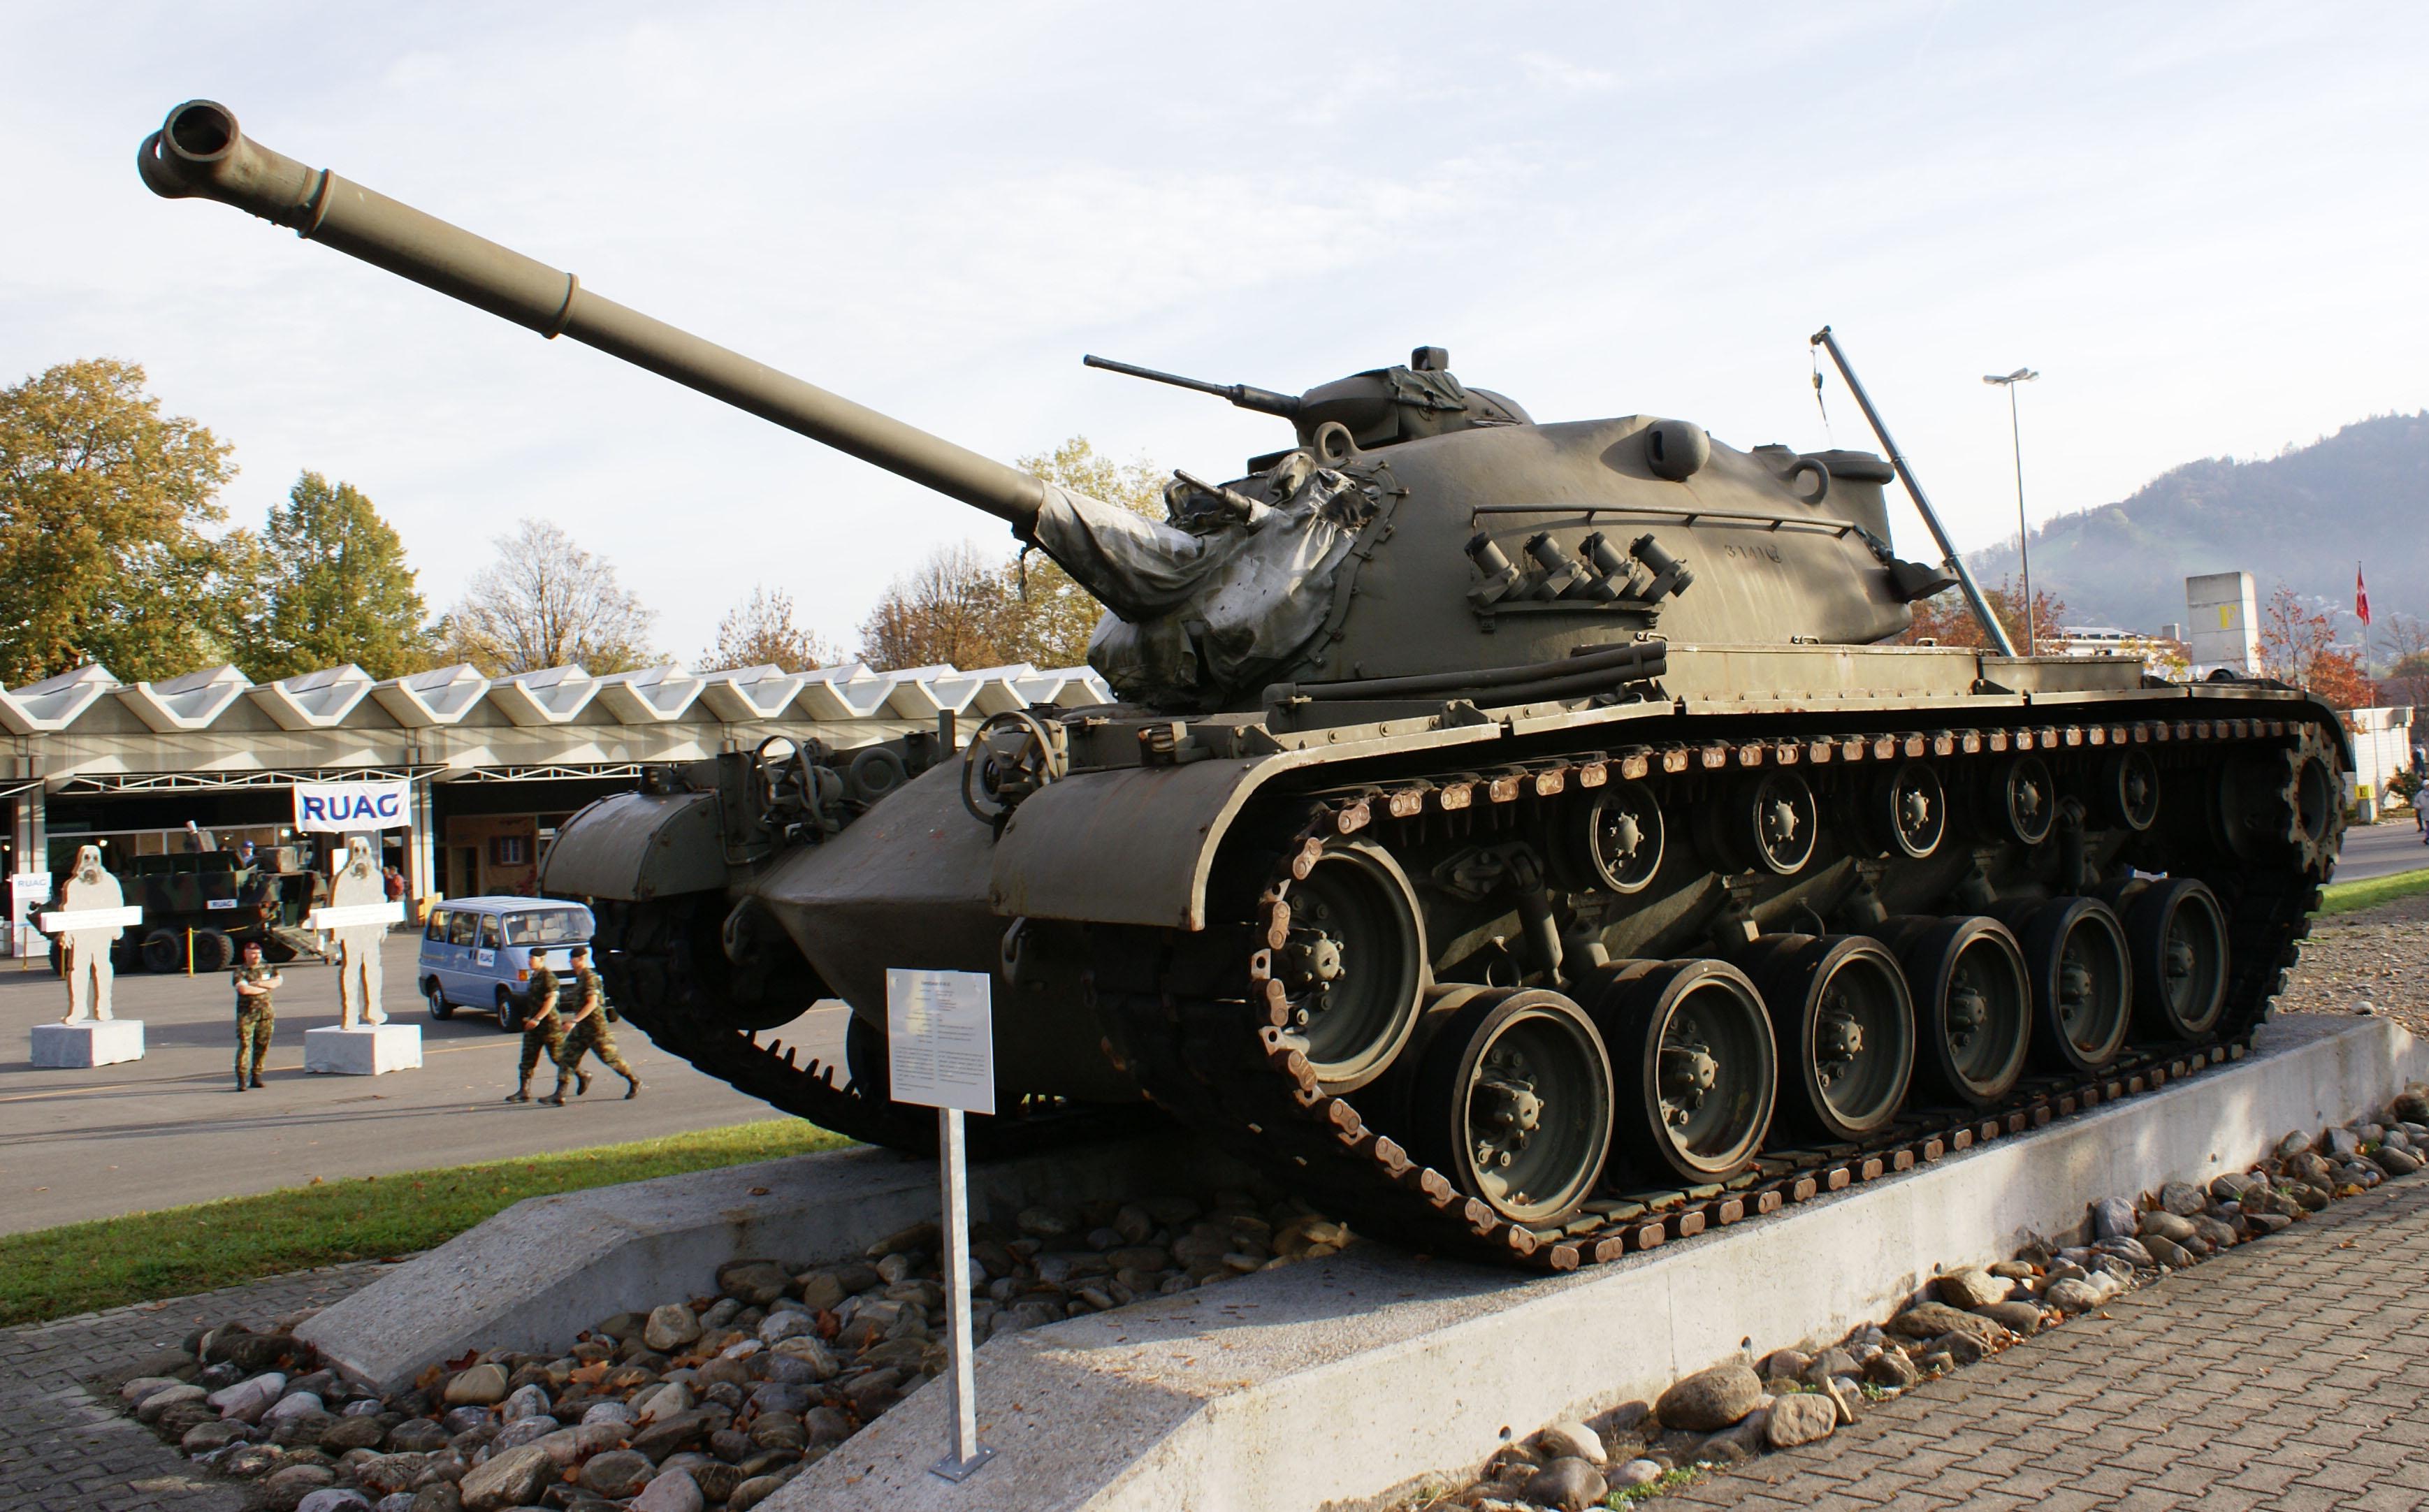 M48 Patton - Wikipedia